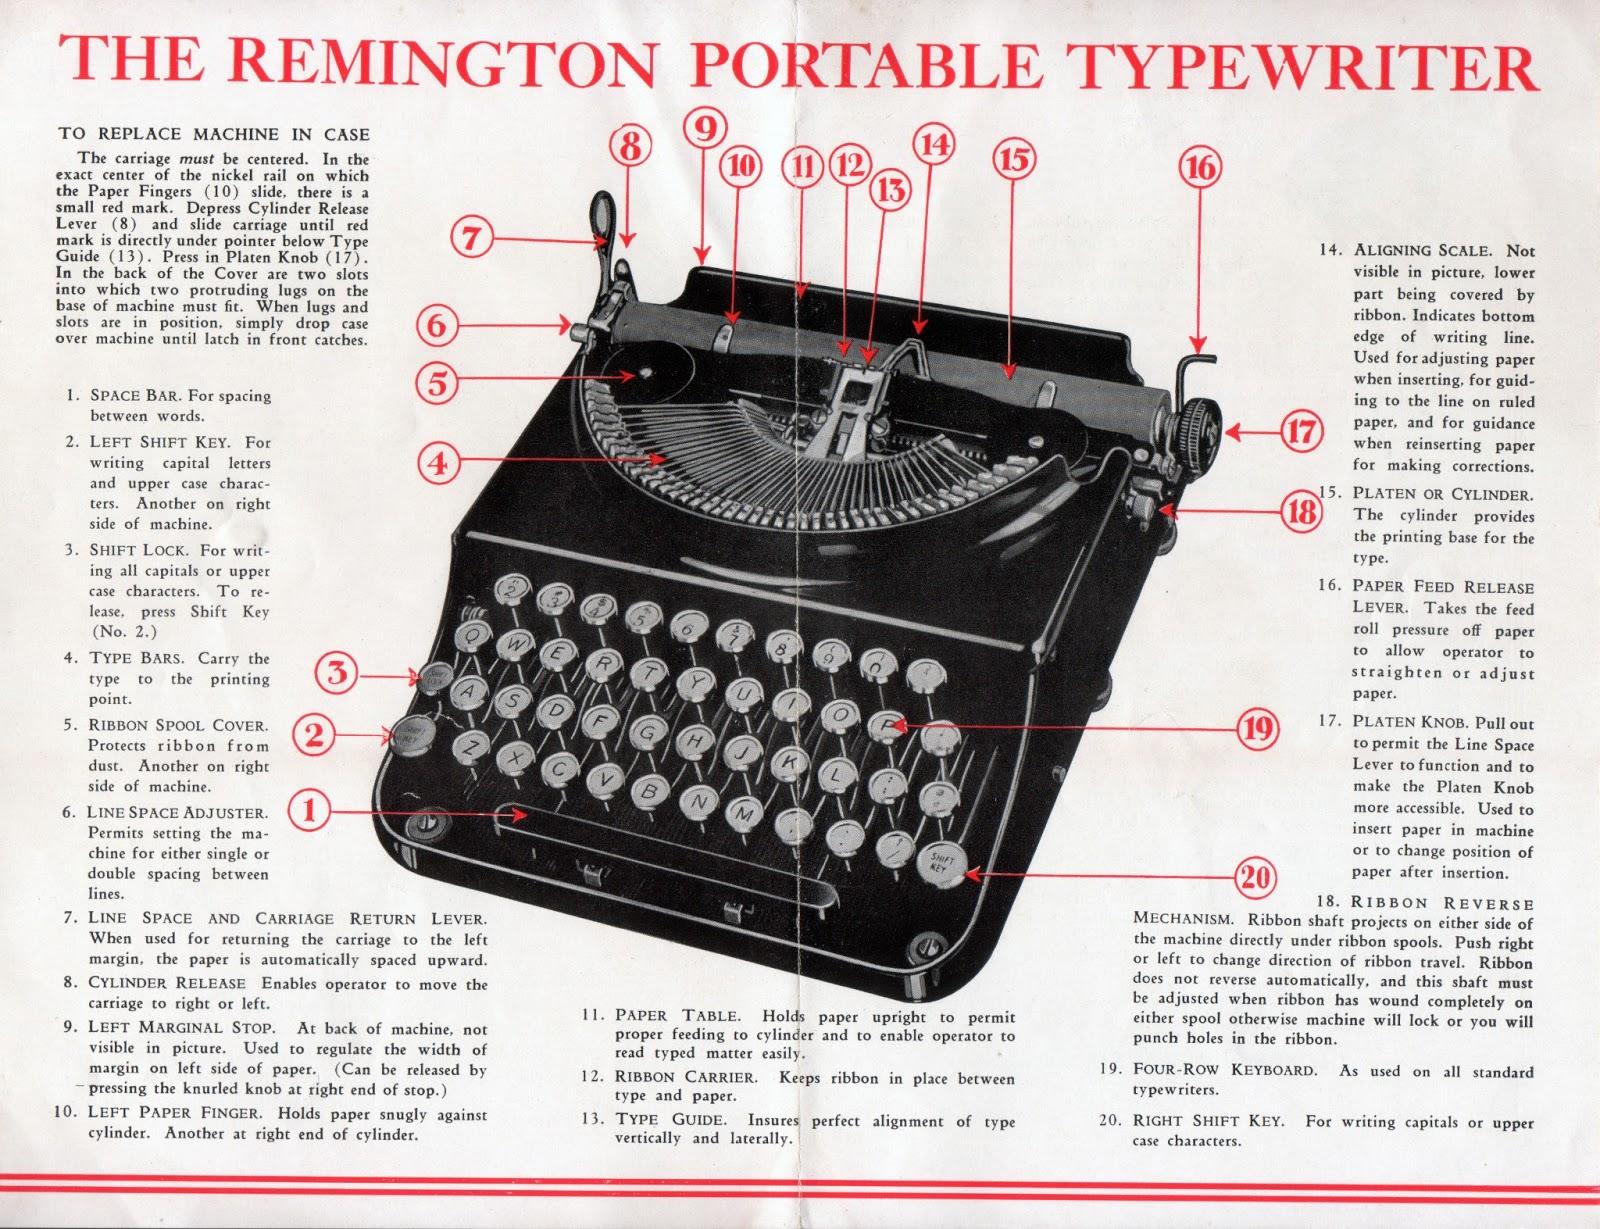 remington portable typewriter instruction manual